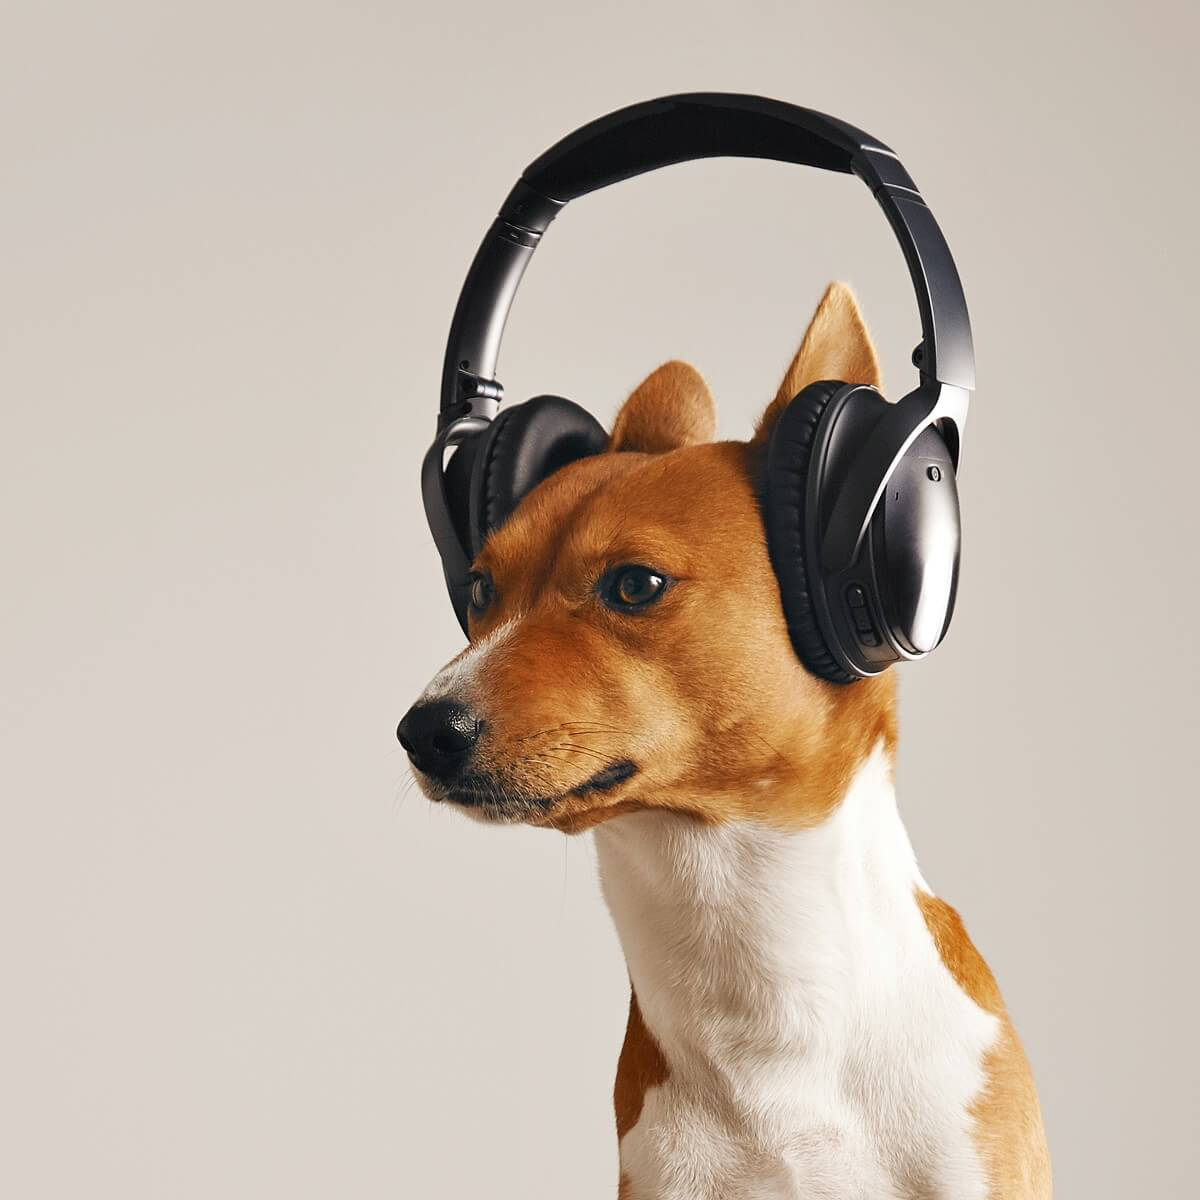 犬がヘッドフォンをかけている様子。